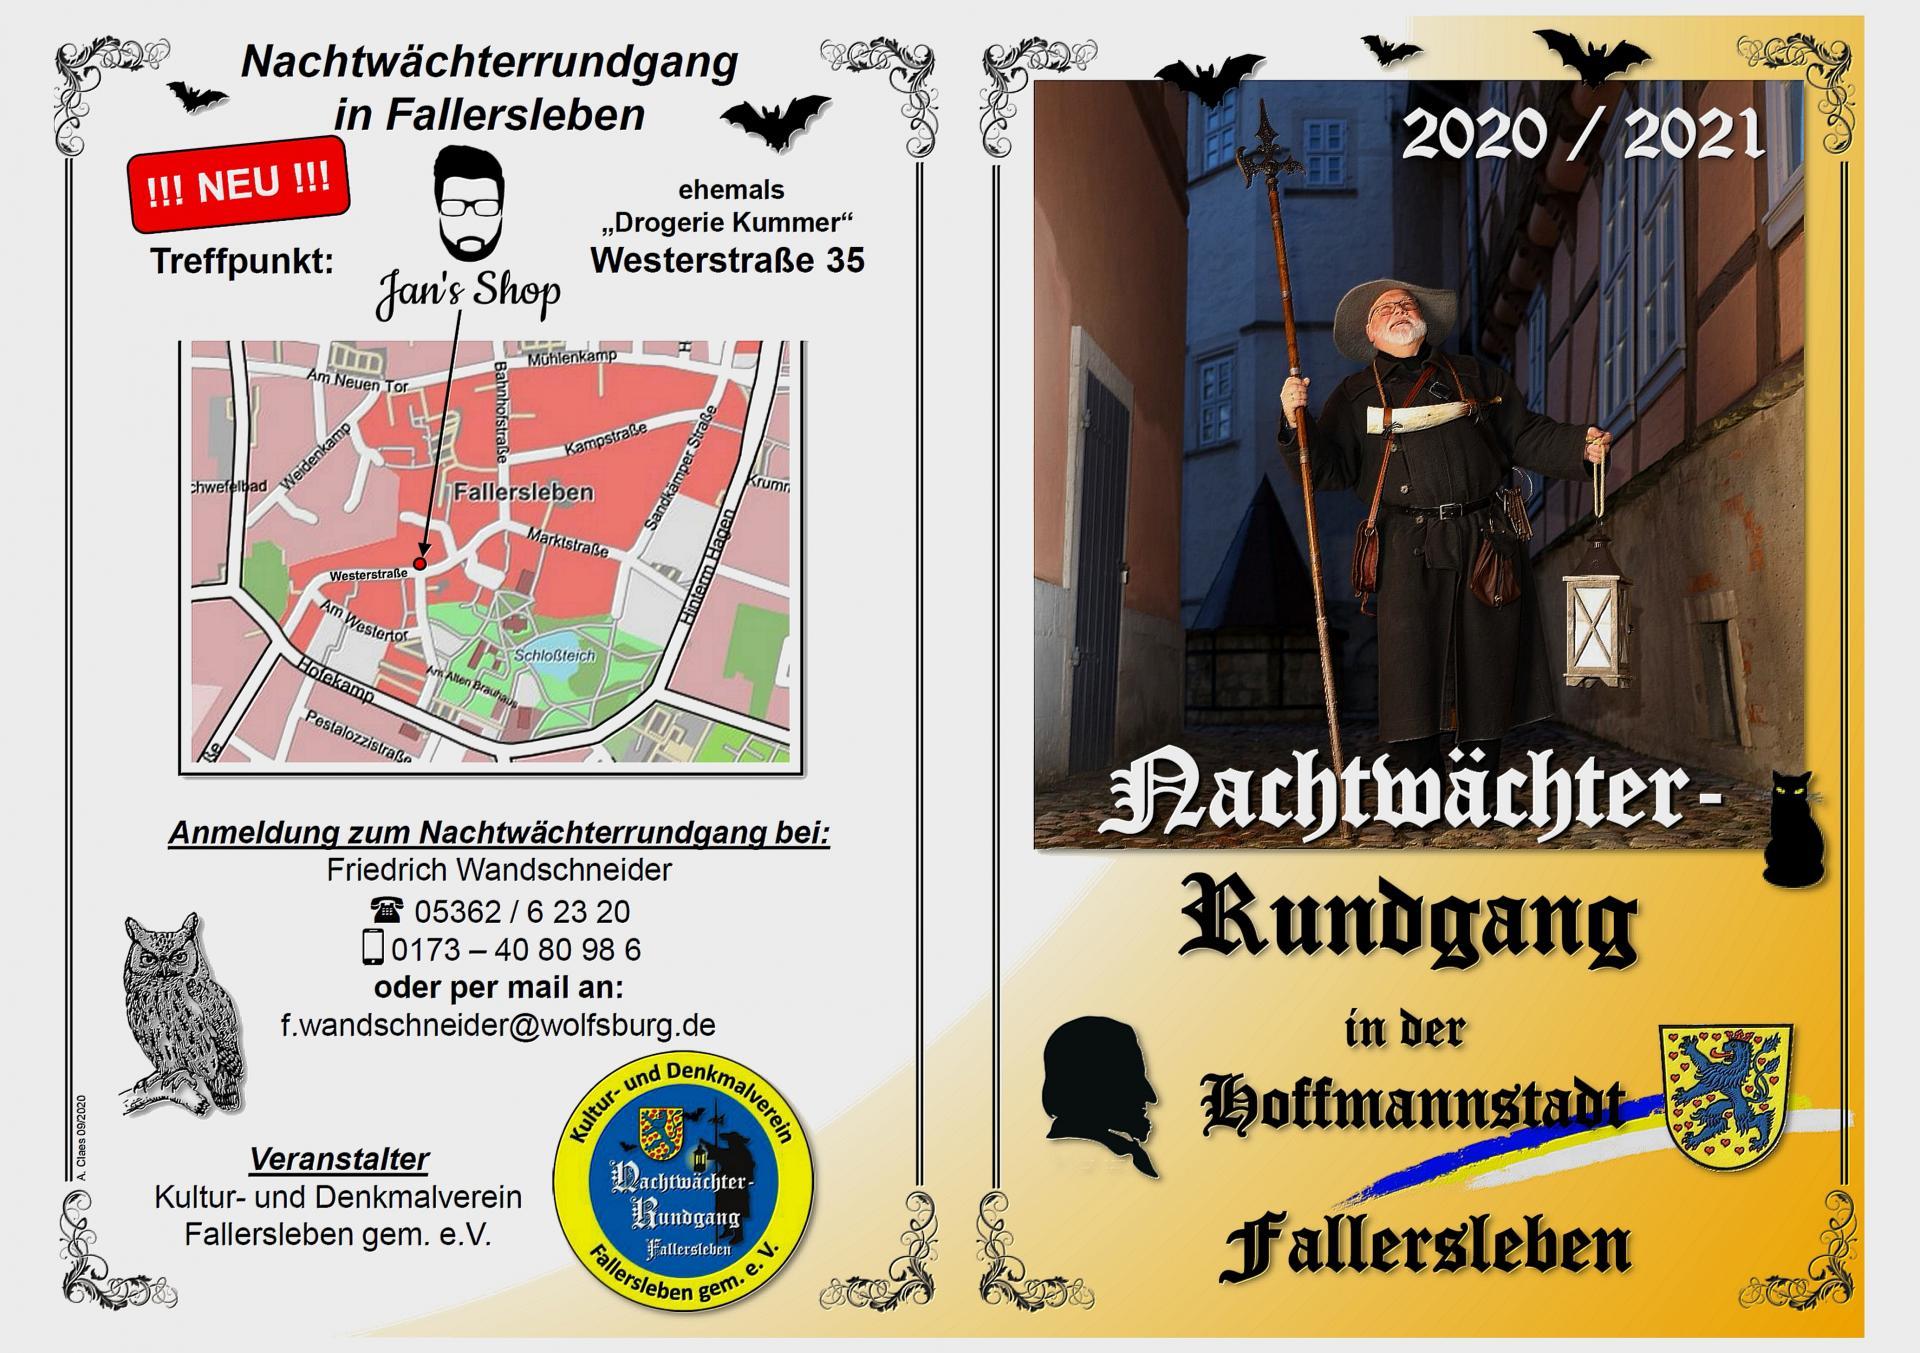 Flyer Nachtwächterrundgänge 2020/21